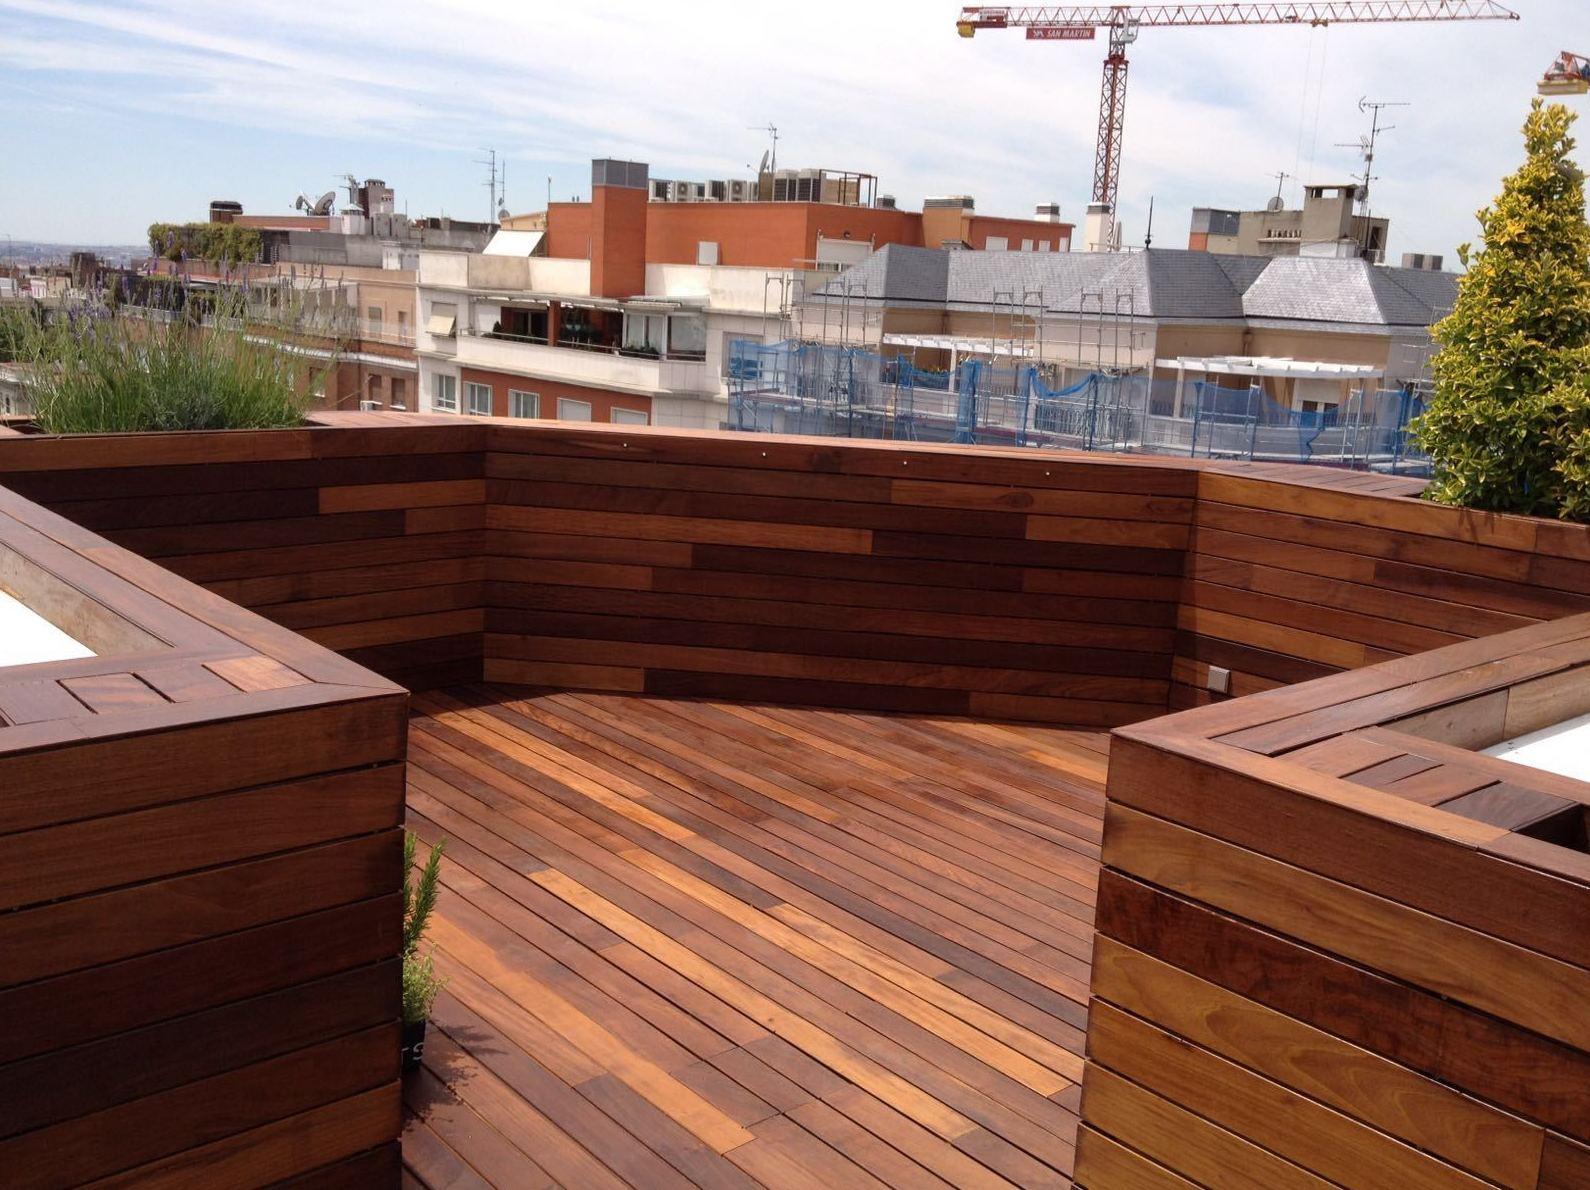 Suelo de madera para terraza piso para bao de maderapiso for Suelo terraza madera